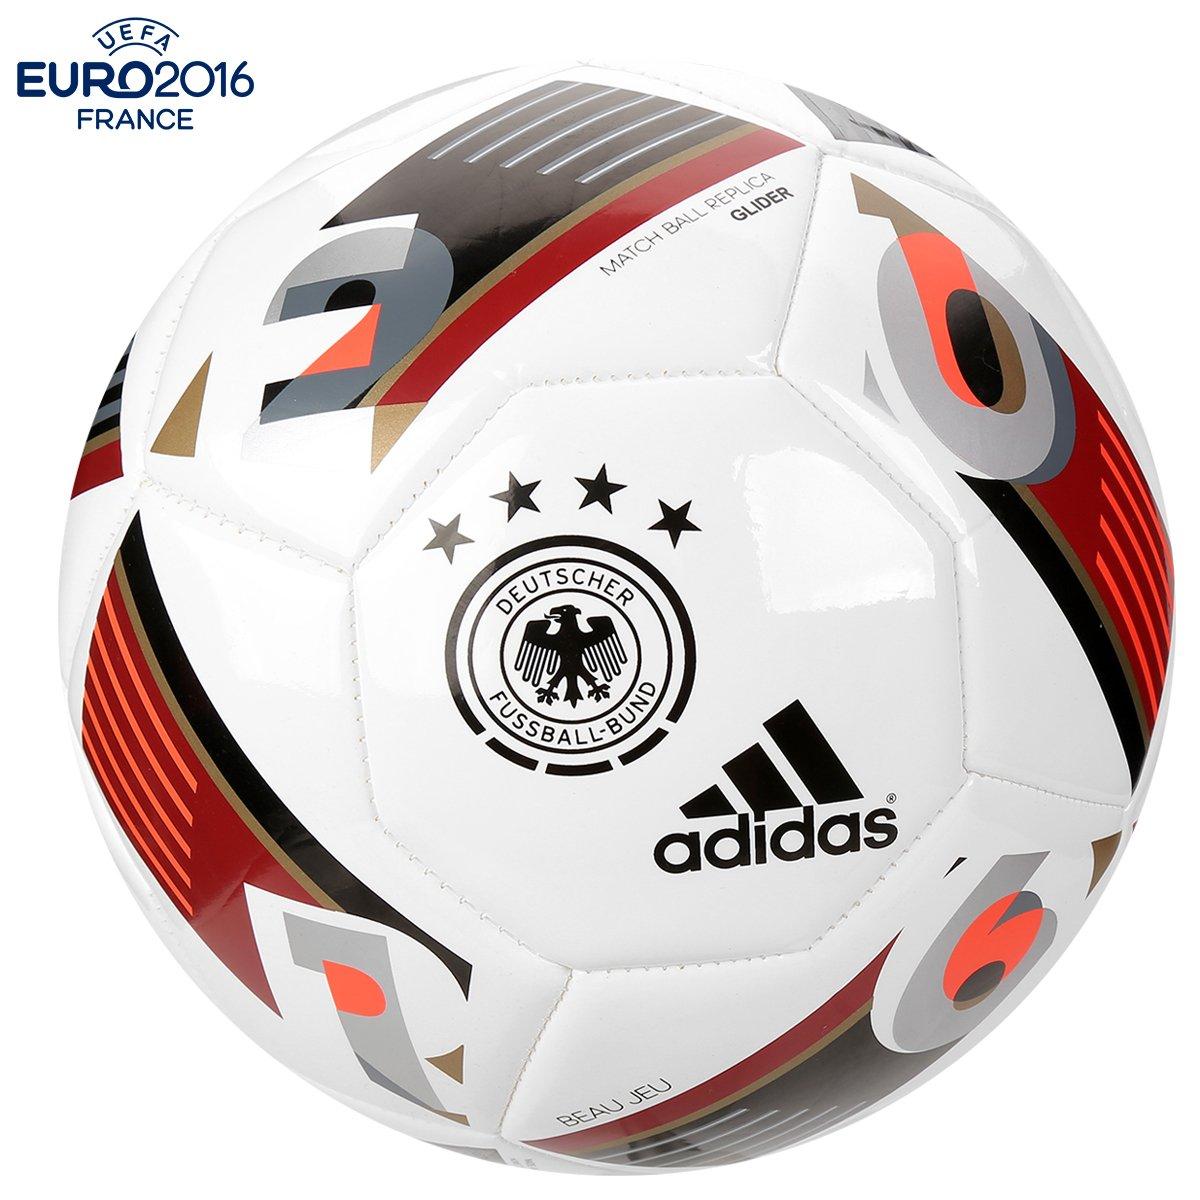 Bola Futebol Adidas Euro 2016 Alemanha Campo - Compre Agora  9fe5a580fb5c2